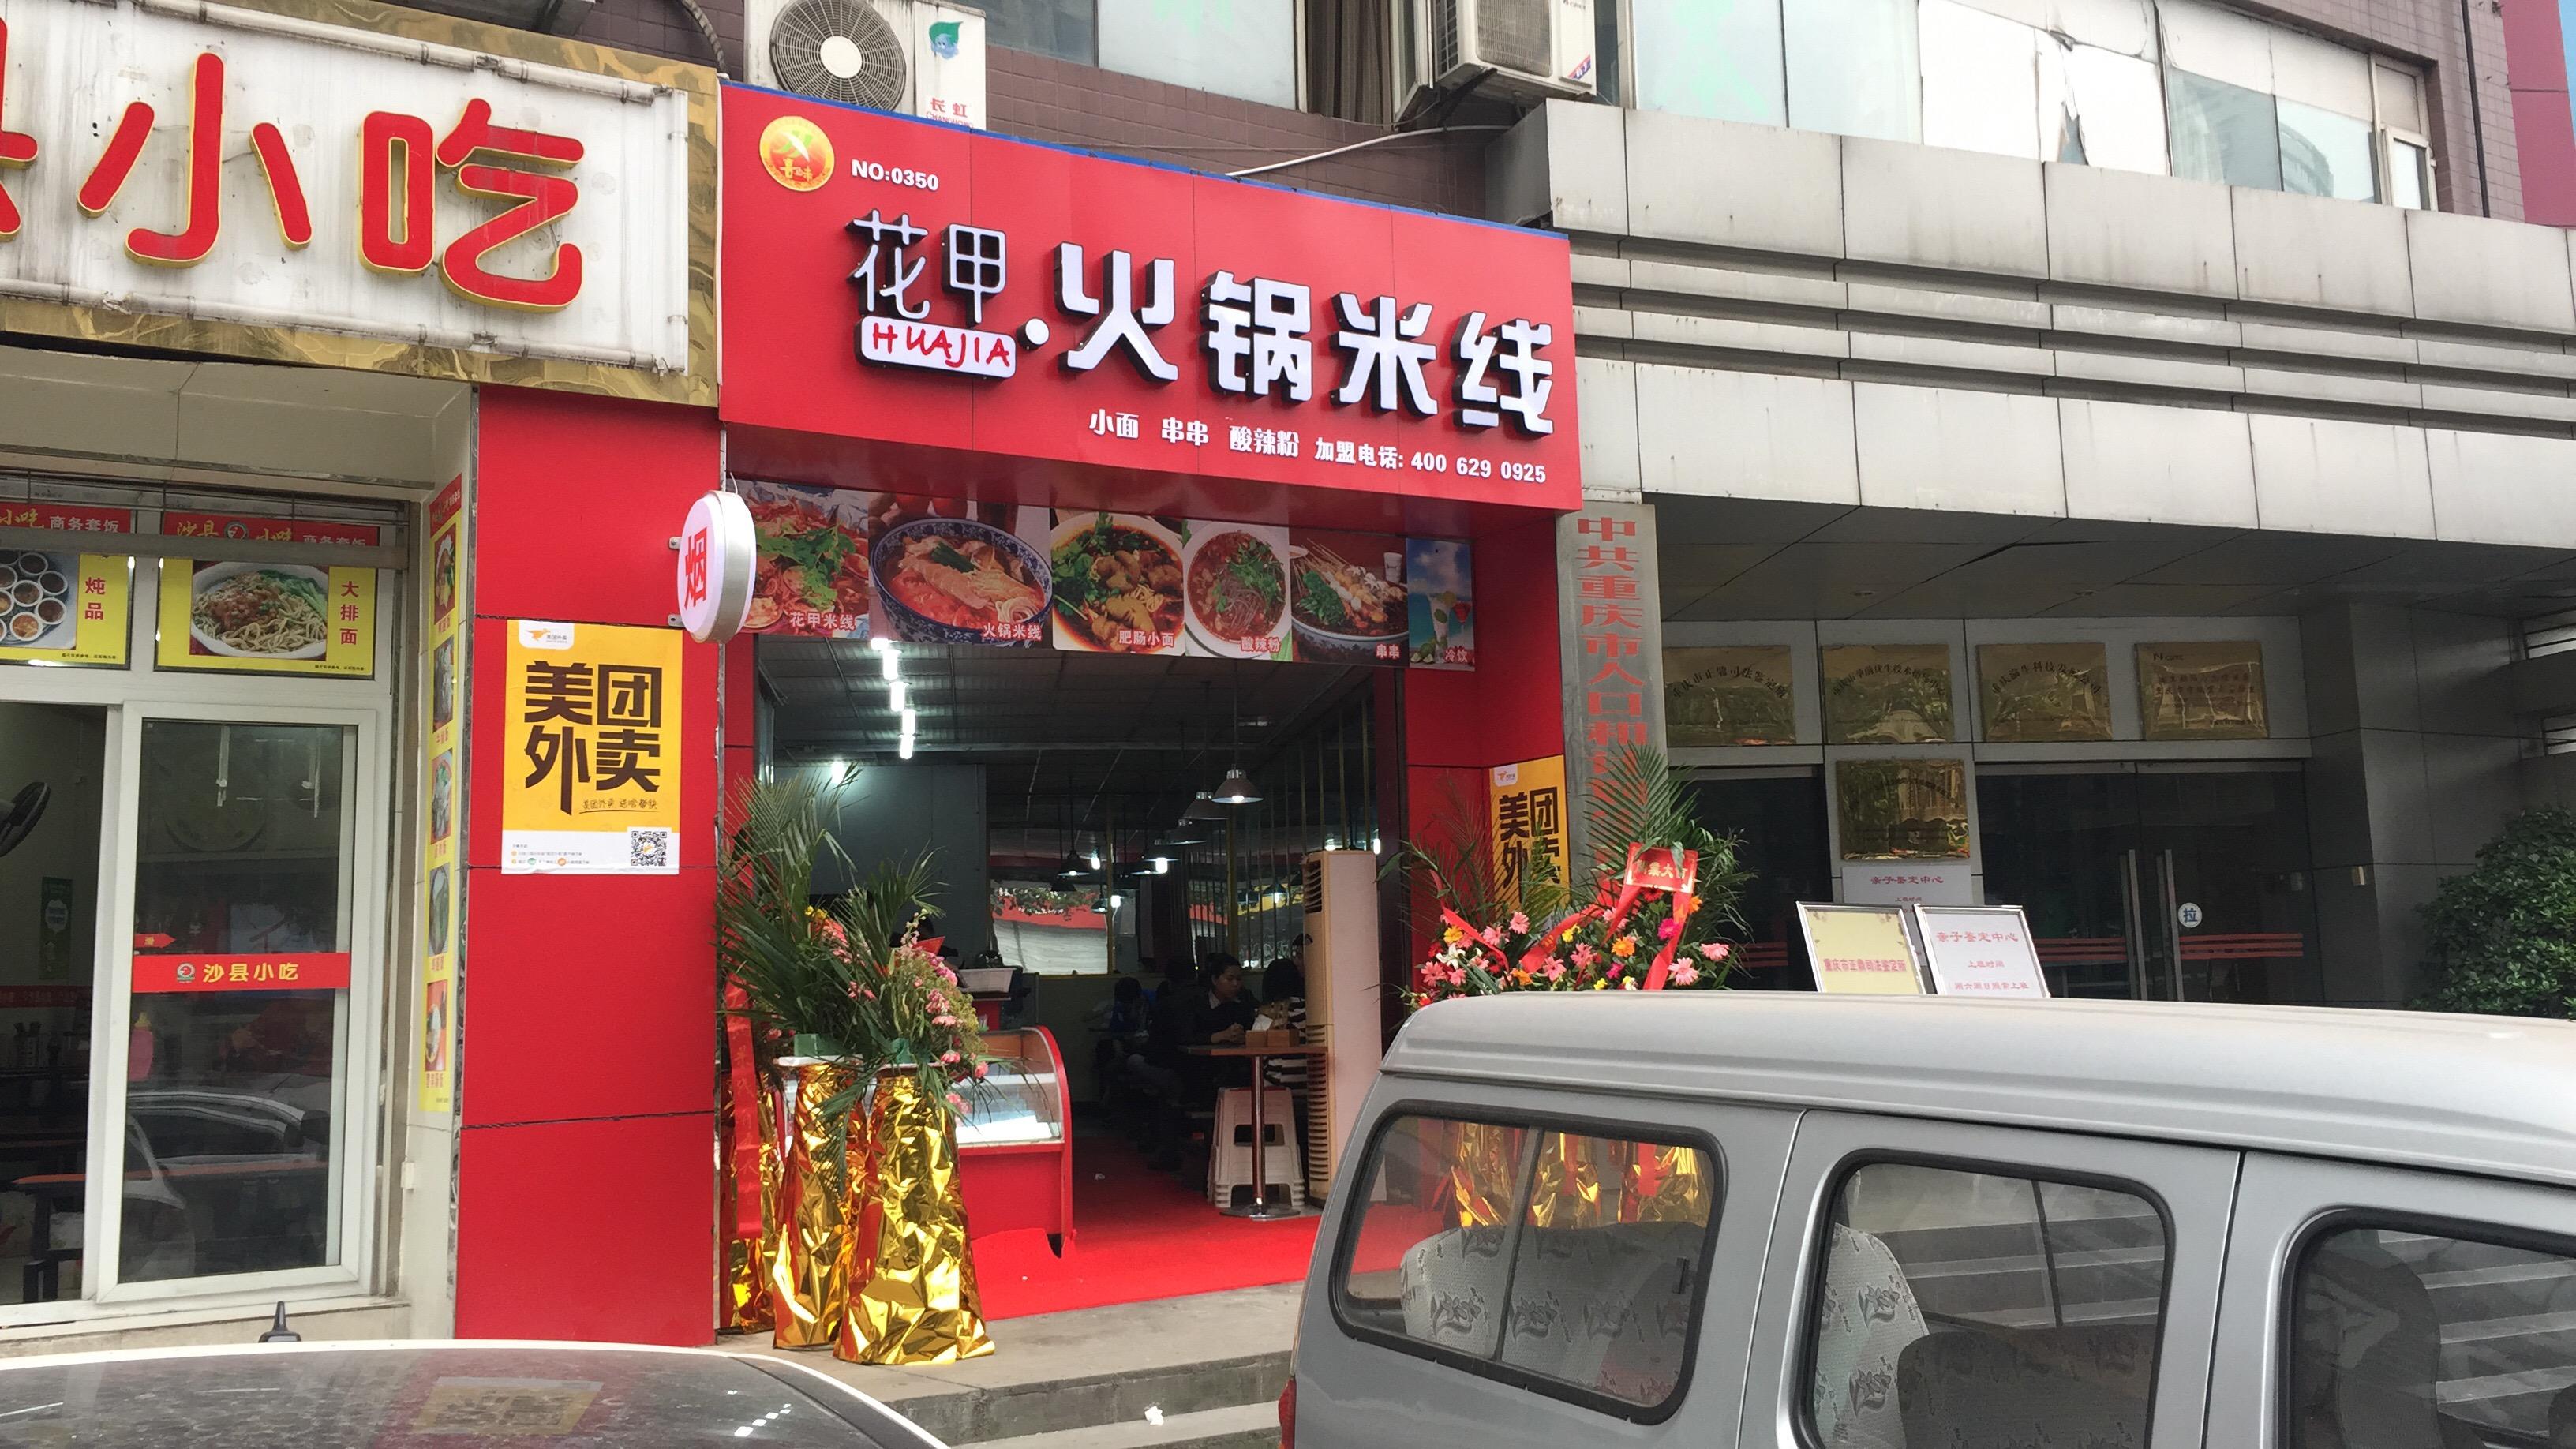 四海花甲红旗河沟店